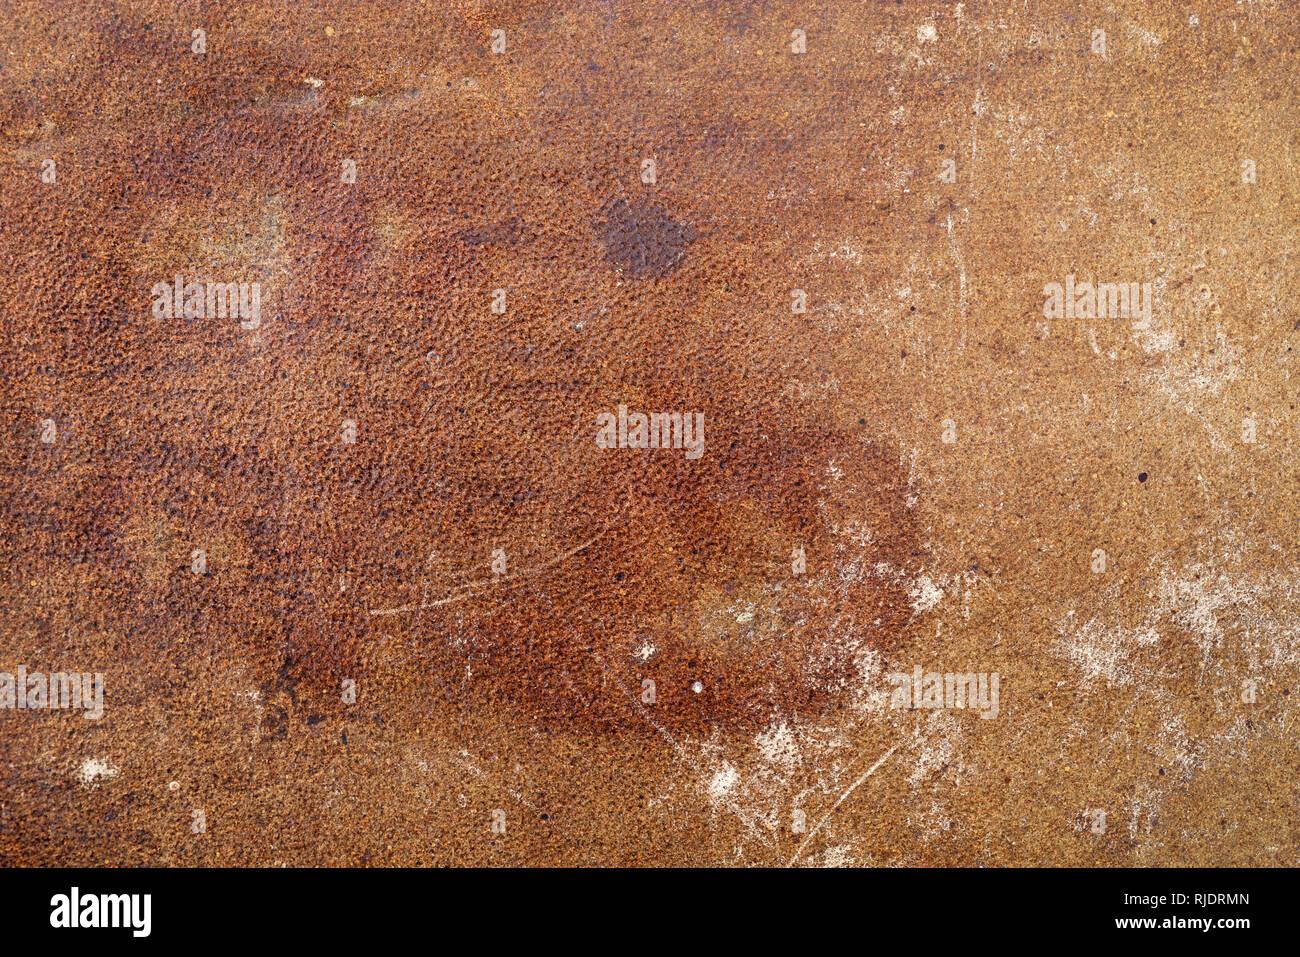 Vecchio addolorato macchiato e rigata in pelle texture di sfondo Immagini Stock